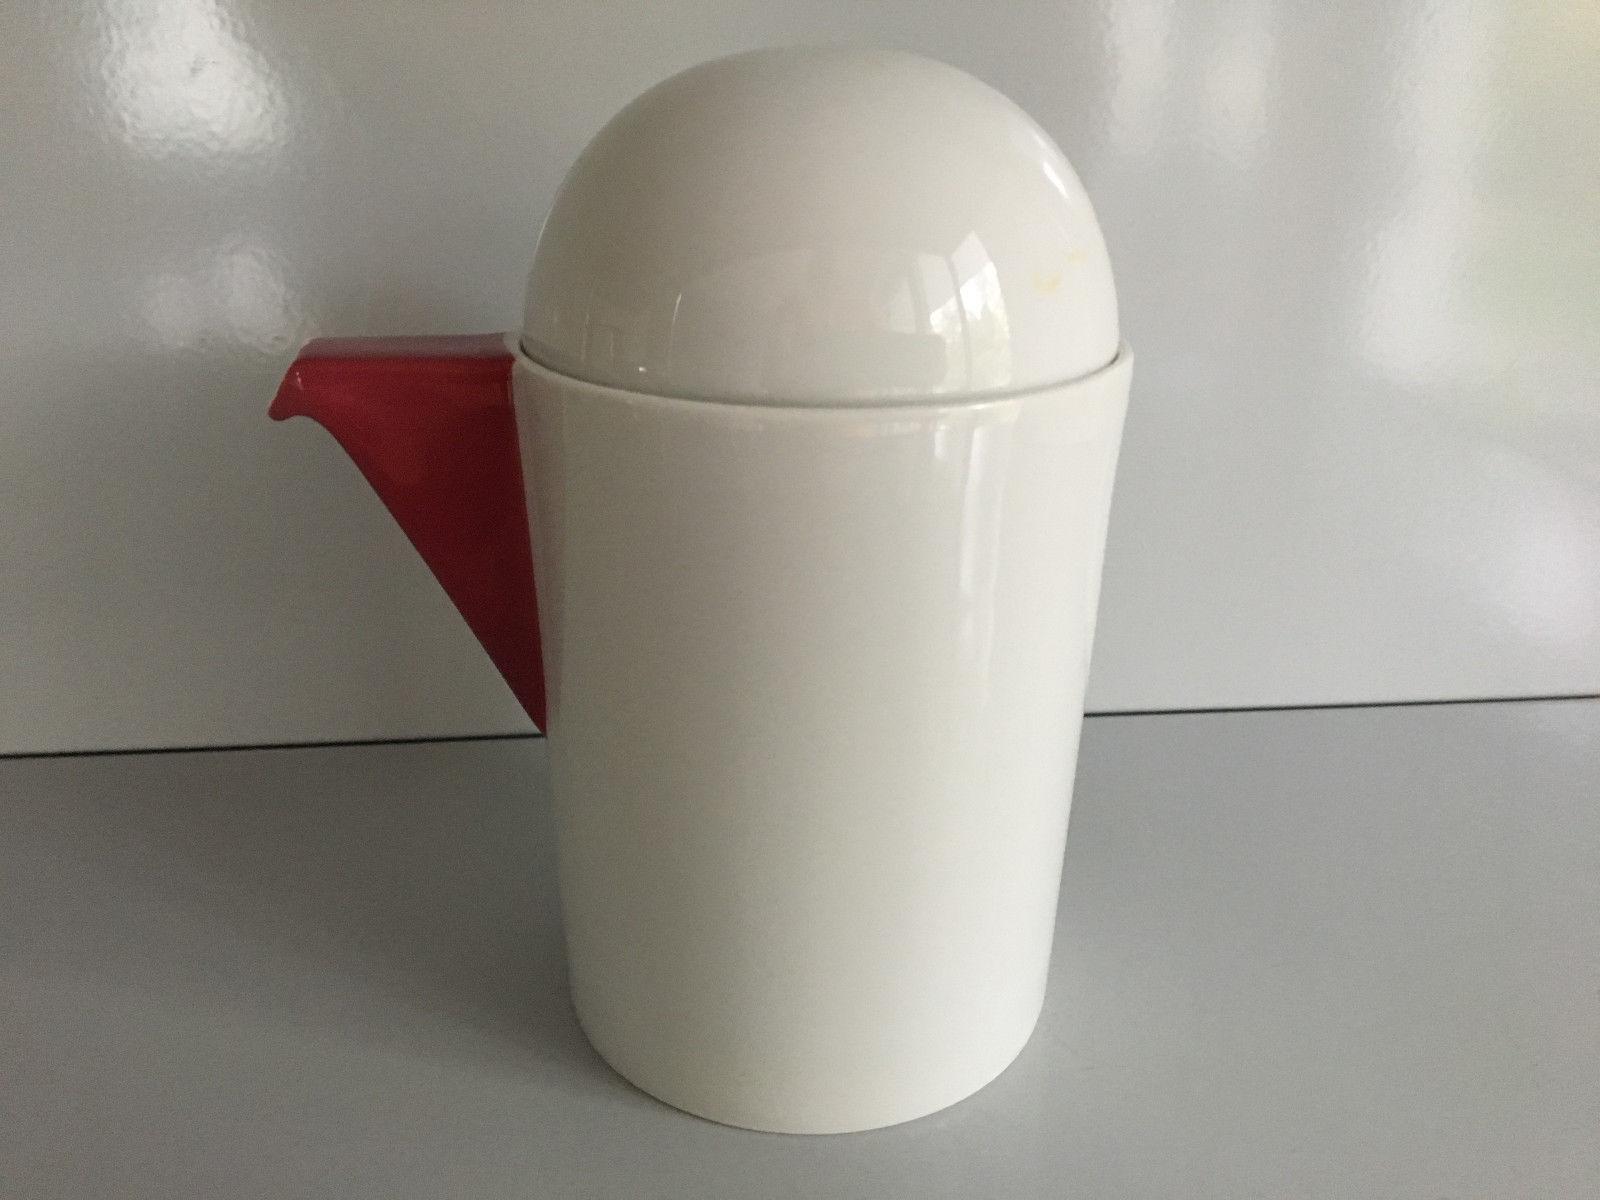 Rosenthal Cupola Weiß 3 Frühstücksteller 21 cm Neuware 1.Wahl